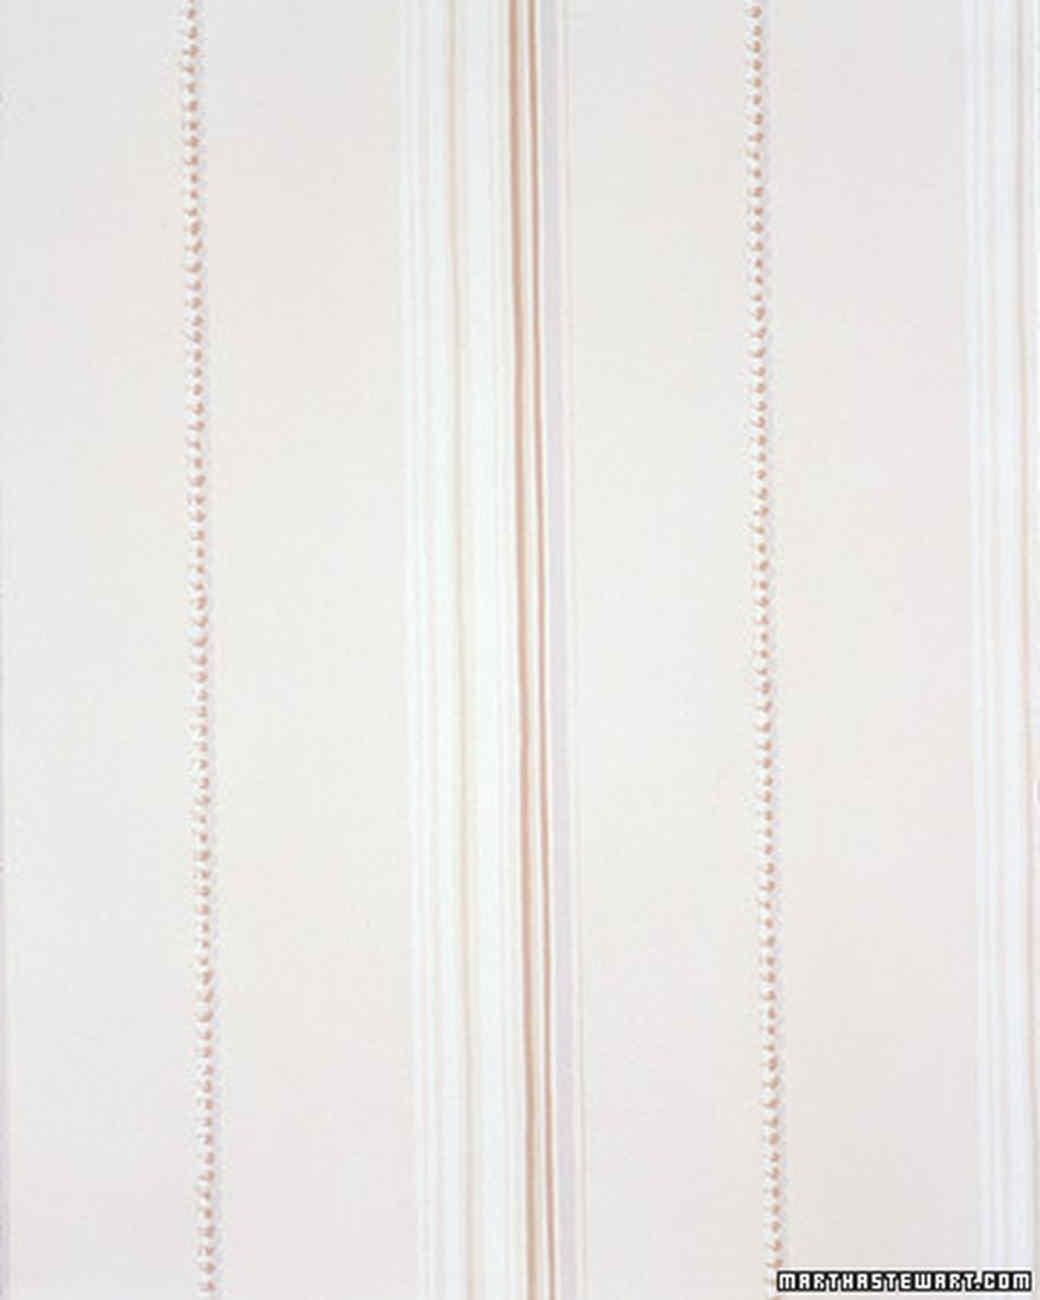 Hanging Wallpaper: Matching Patterns